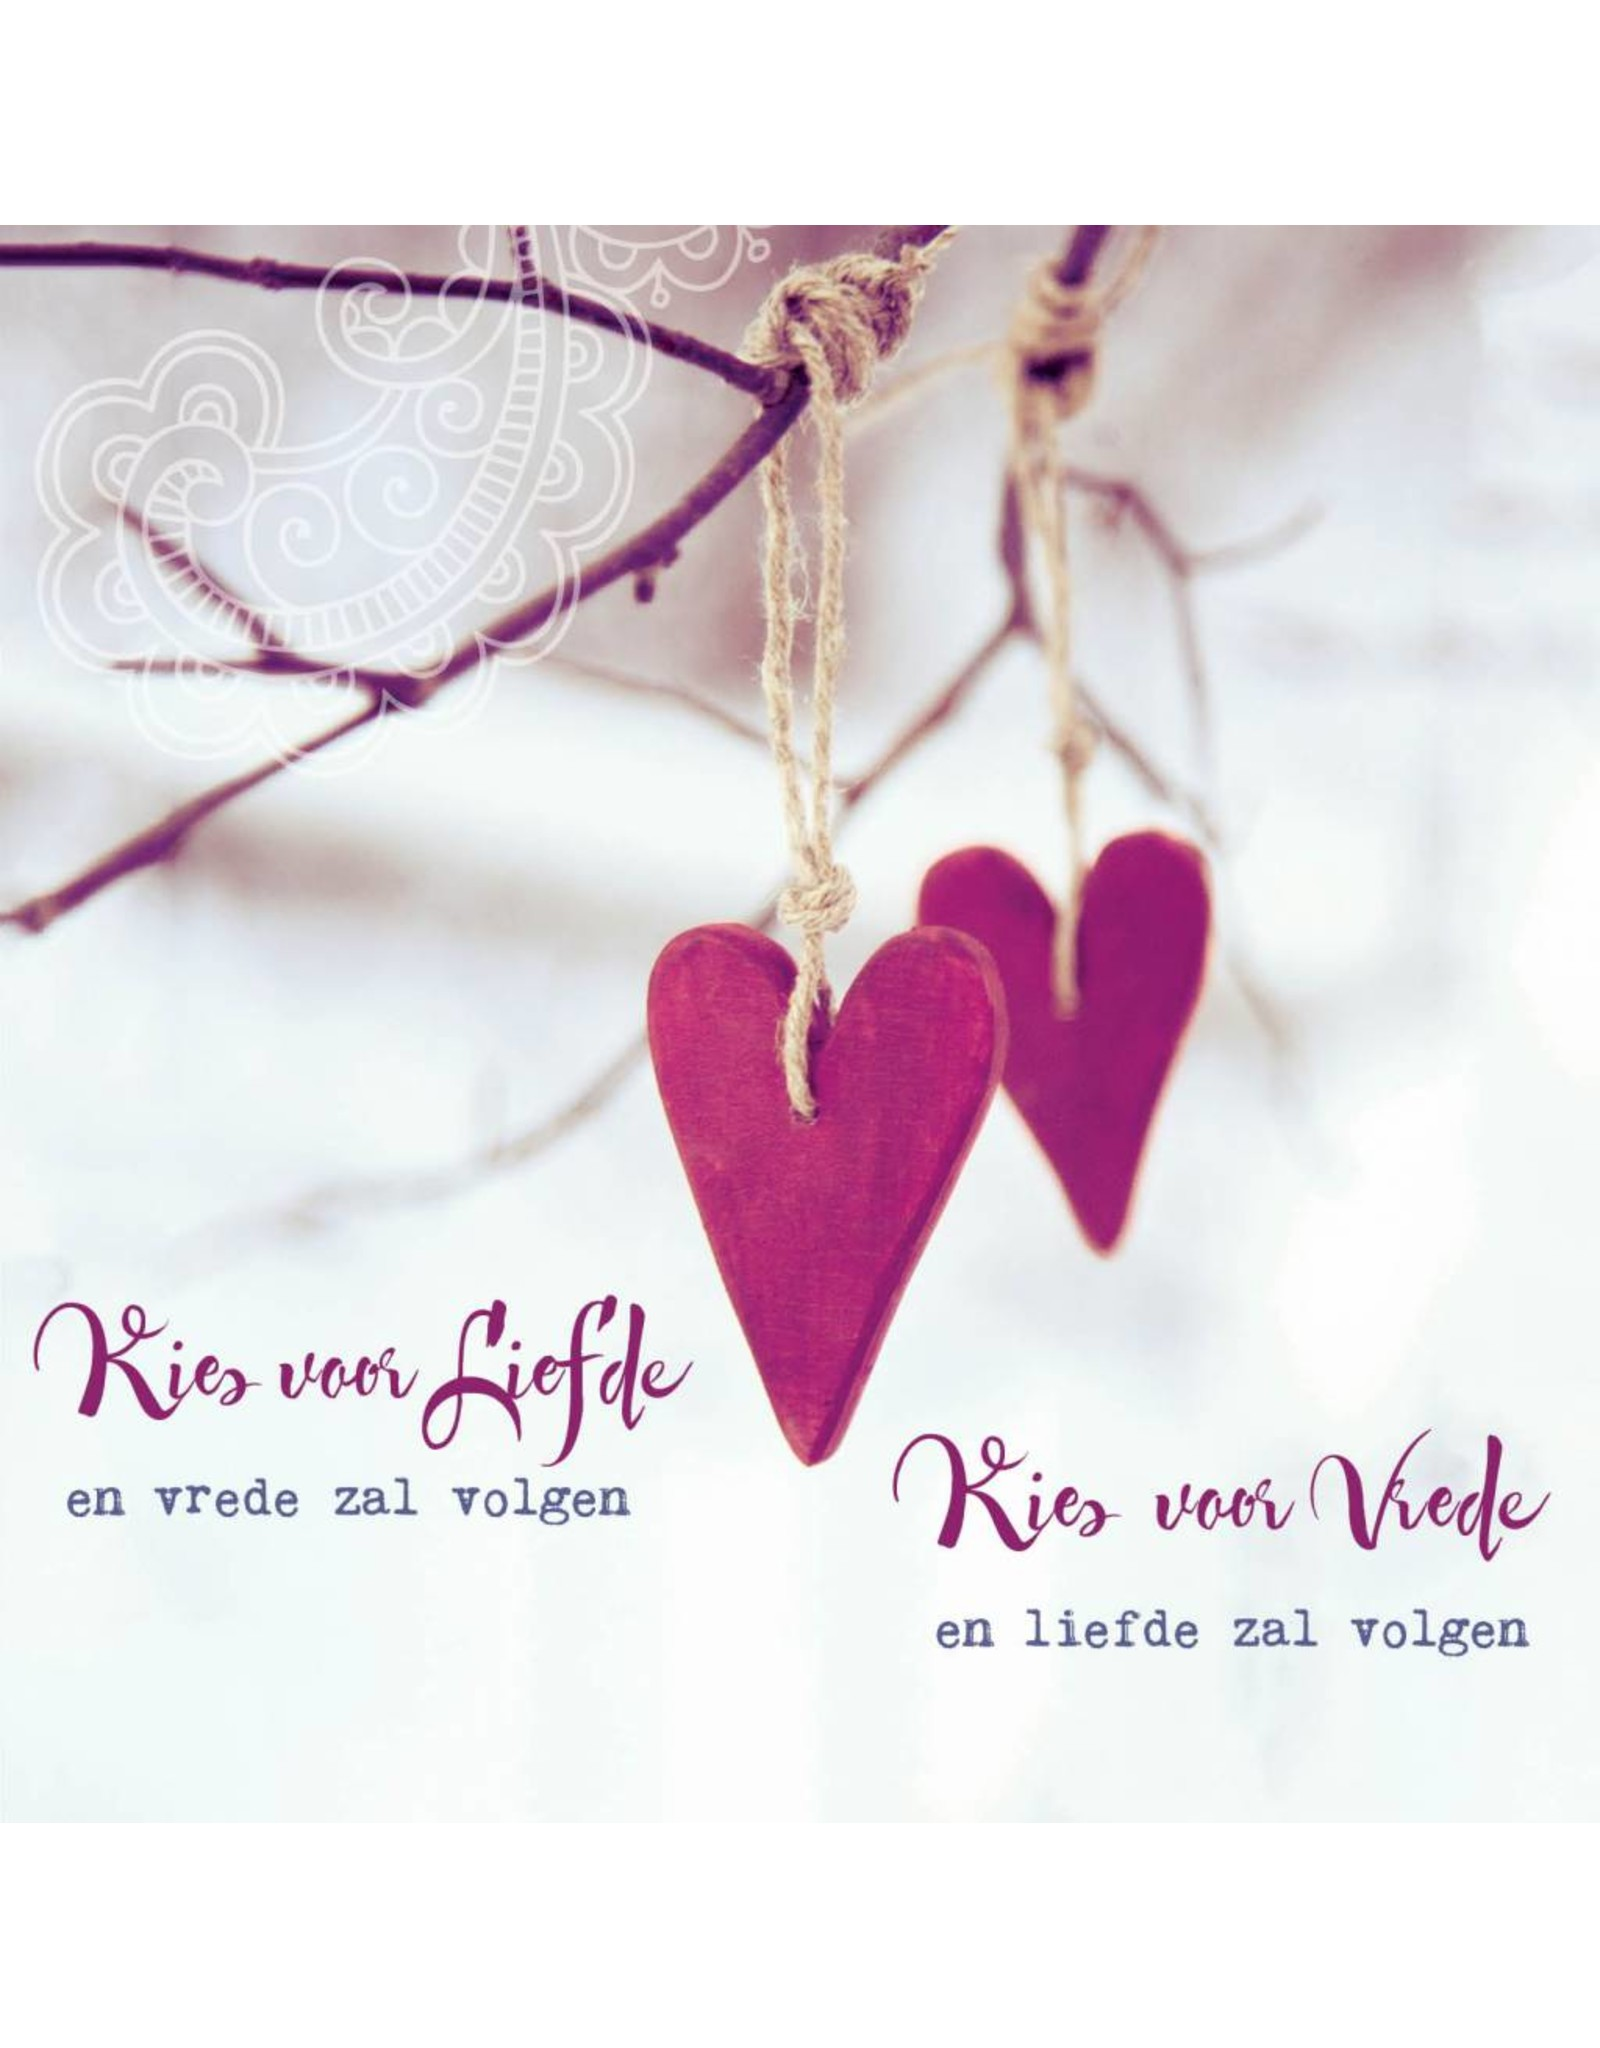 Zintenz Wenskaart kies voor liefde